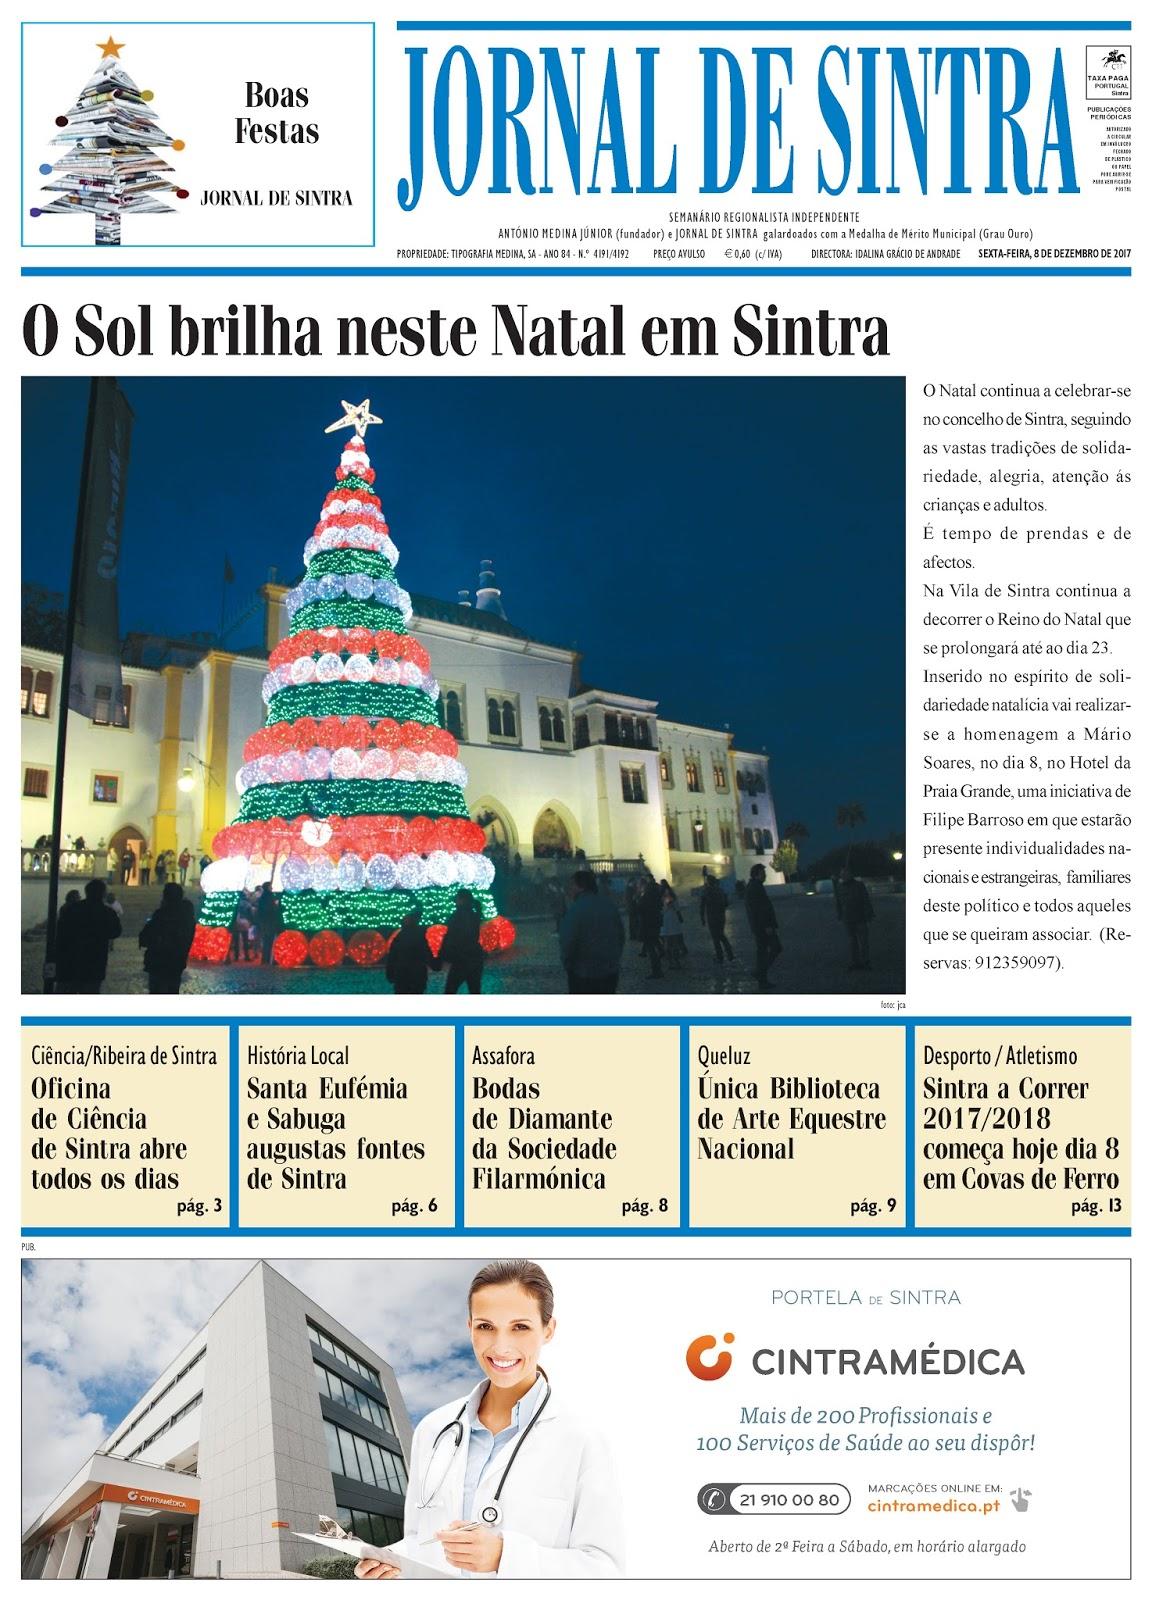 Capa da edição de 08-12-2017